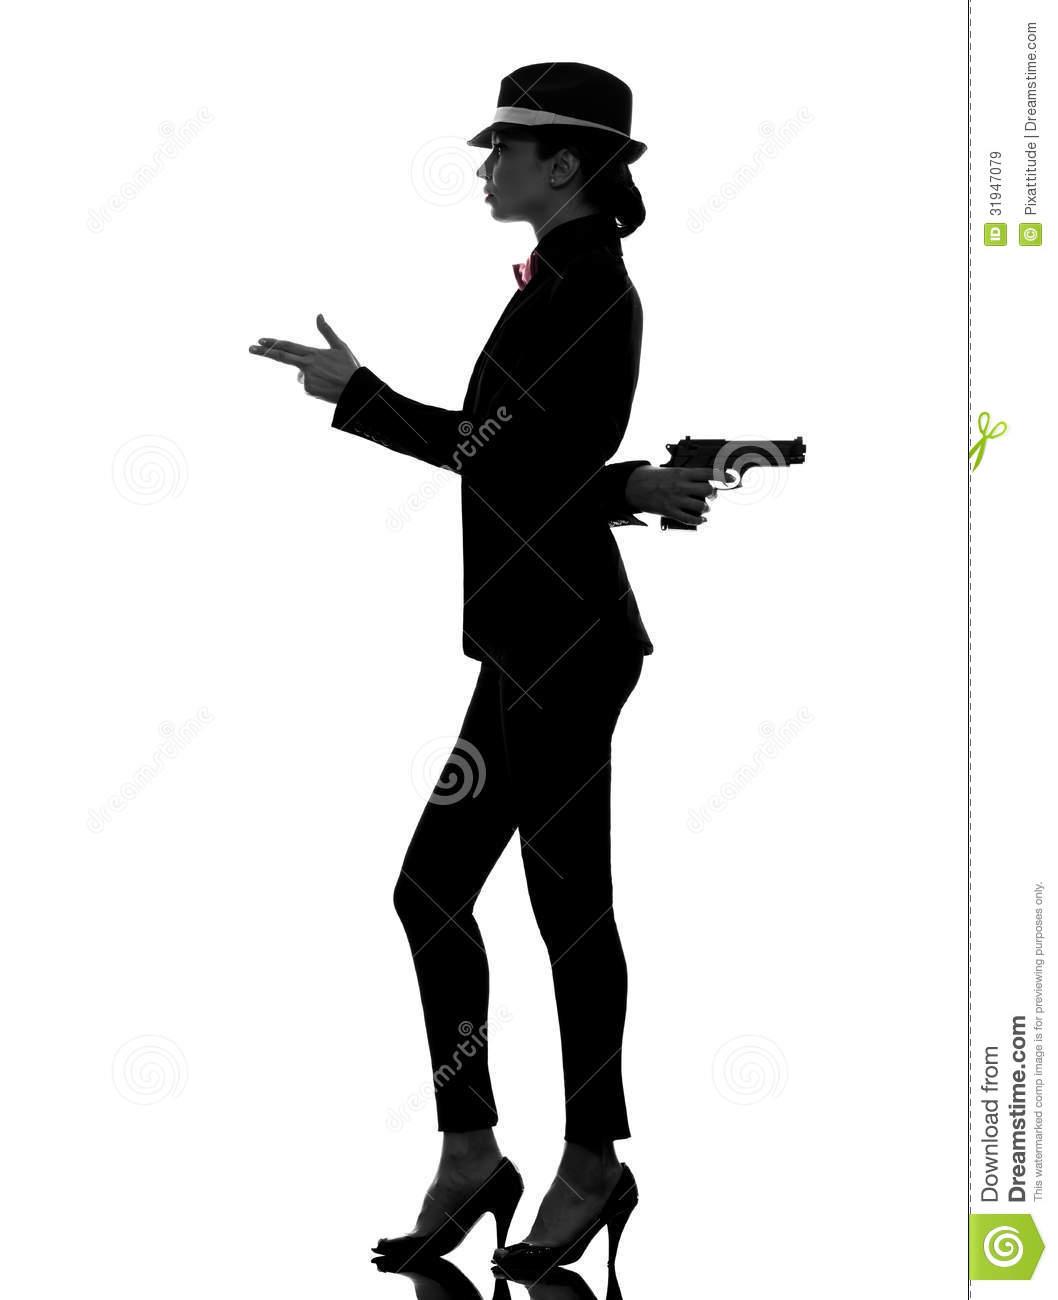 1058x1300 Gun Clipart Silhouette Woman